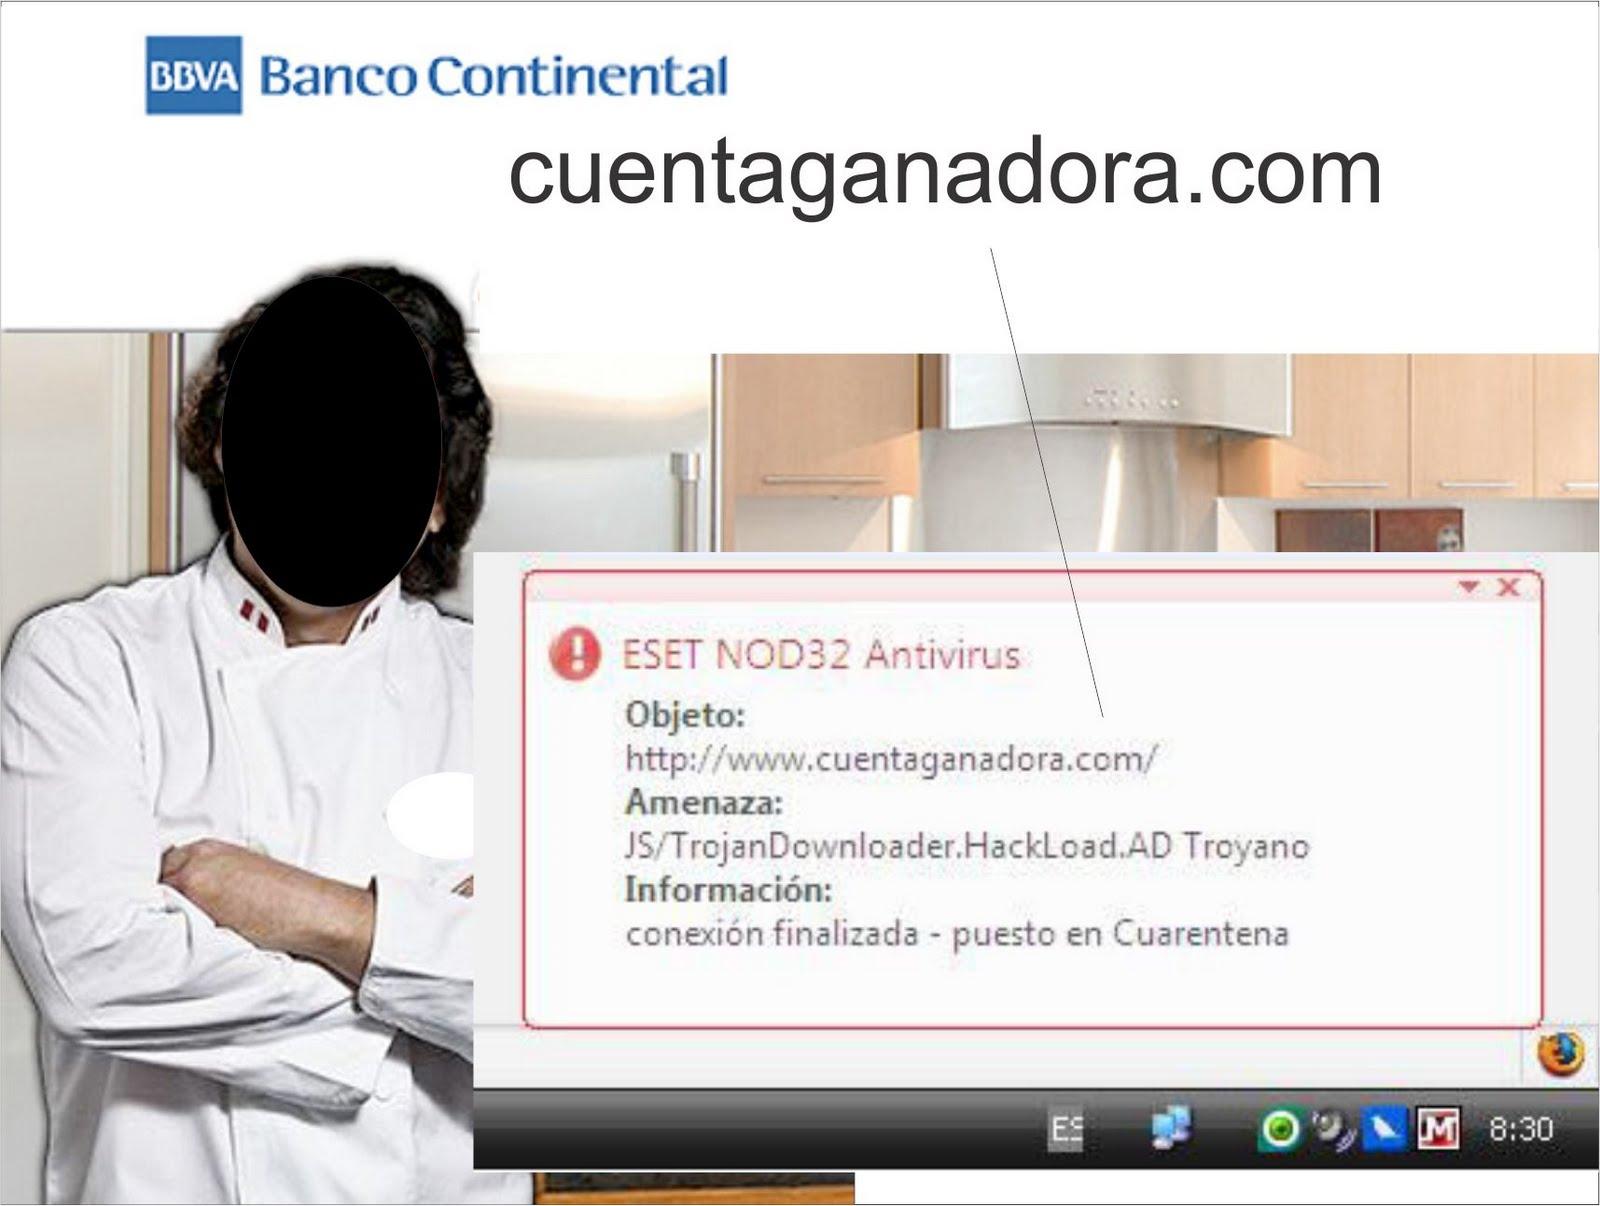 Alerta eset antivirus nod32 detecta troyano en website for Banco continental oficina principal